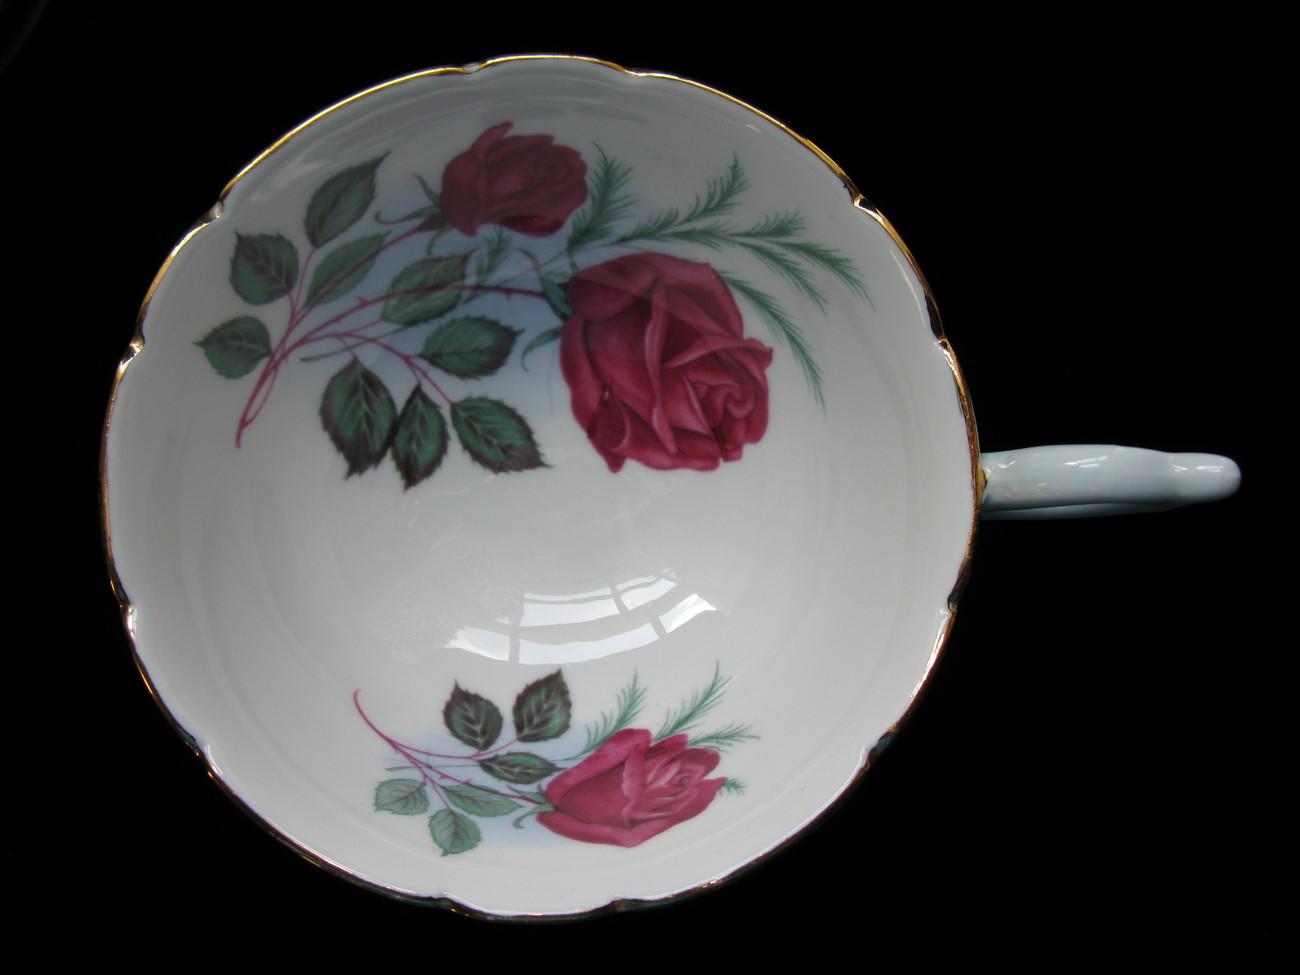 Heathcote Blue English Fine Bone China Cup & Saucer